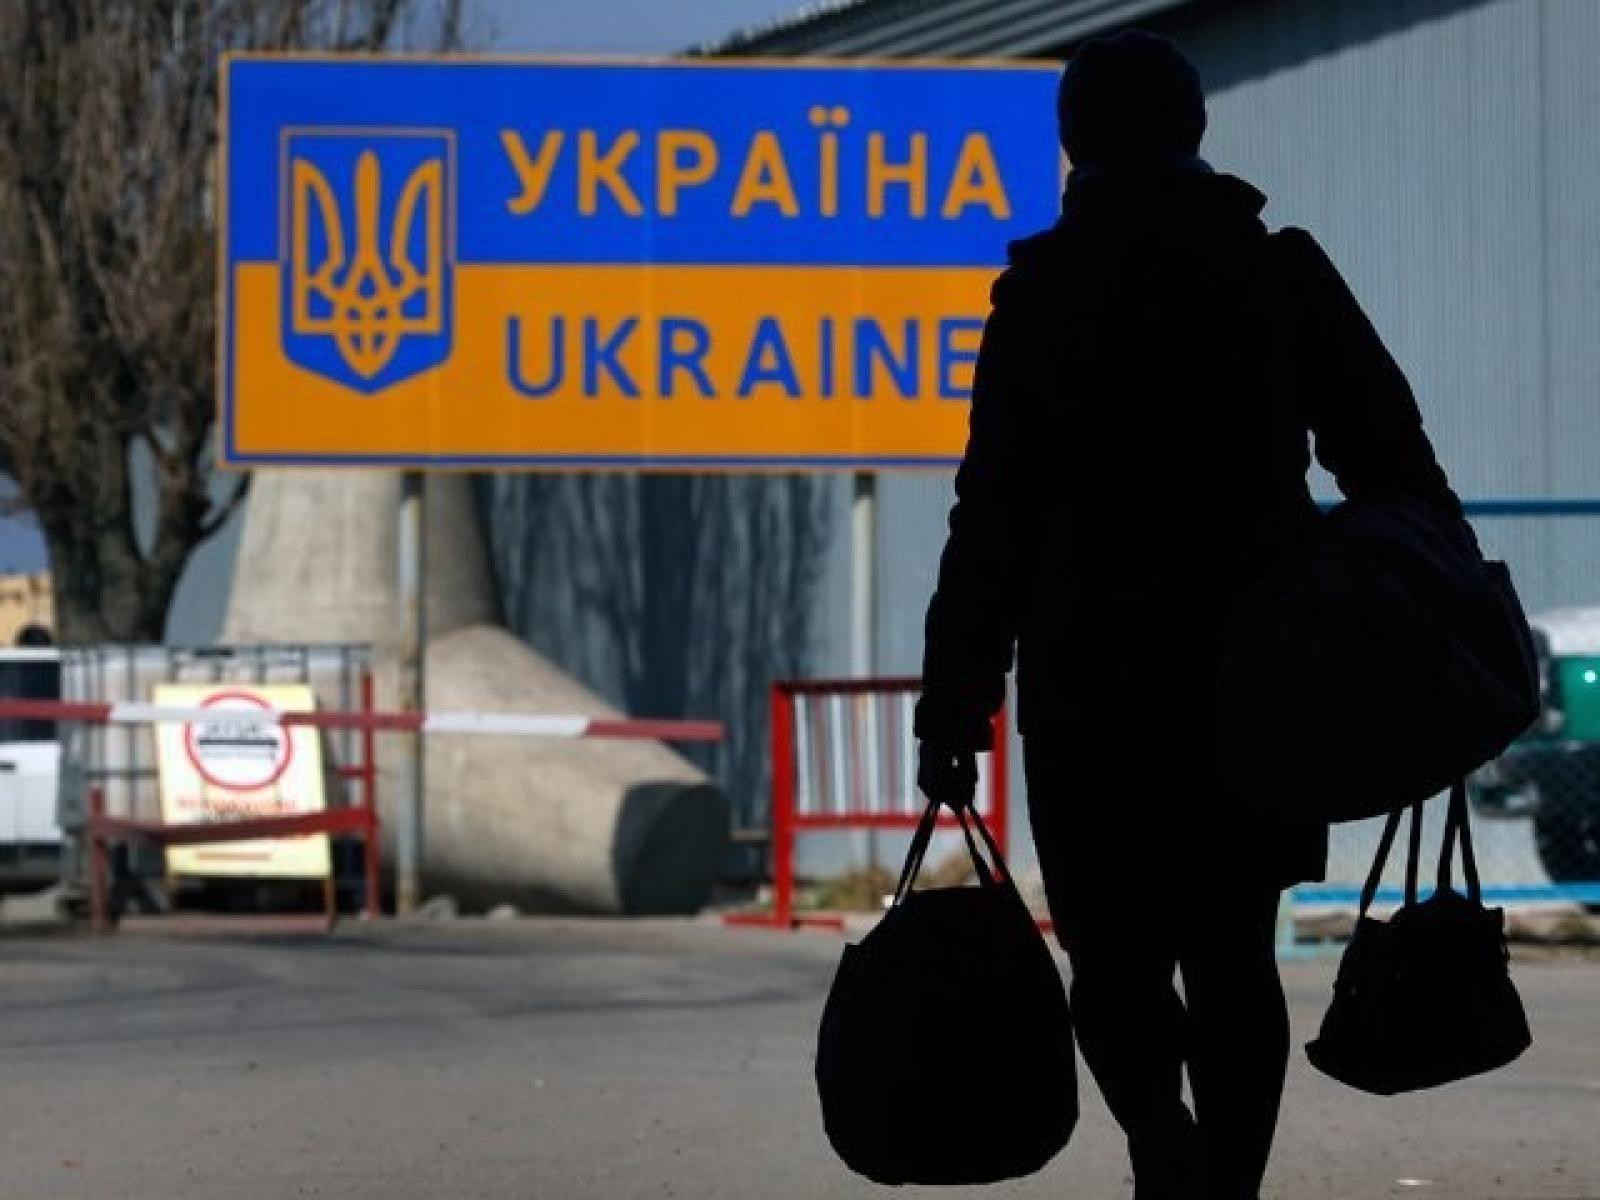 Пограничники назвали ТОП-10 стран мира, куда едут украинцы: Россия только на пятом месте